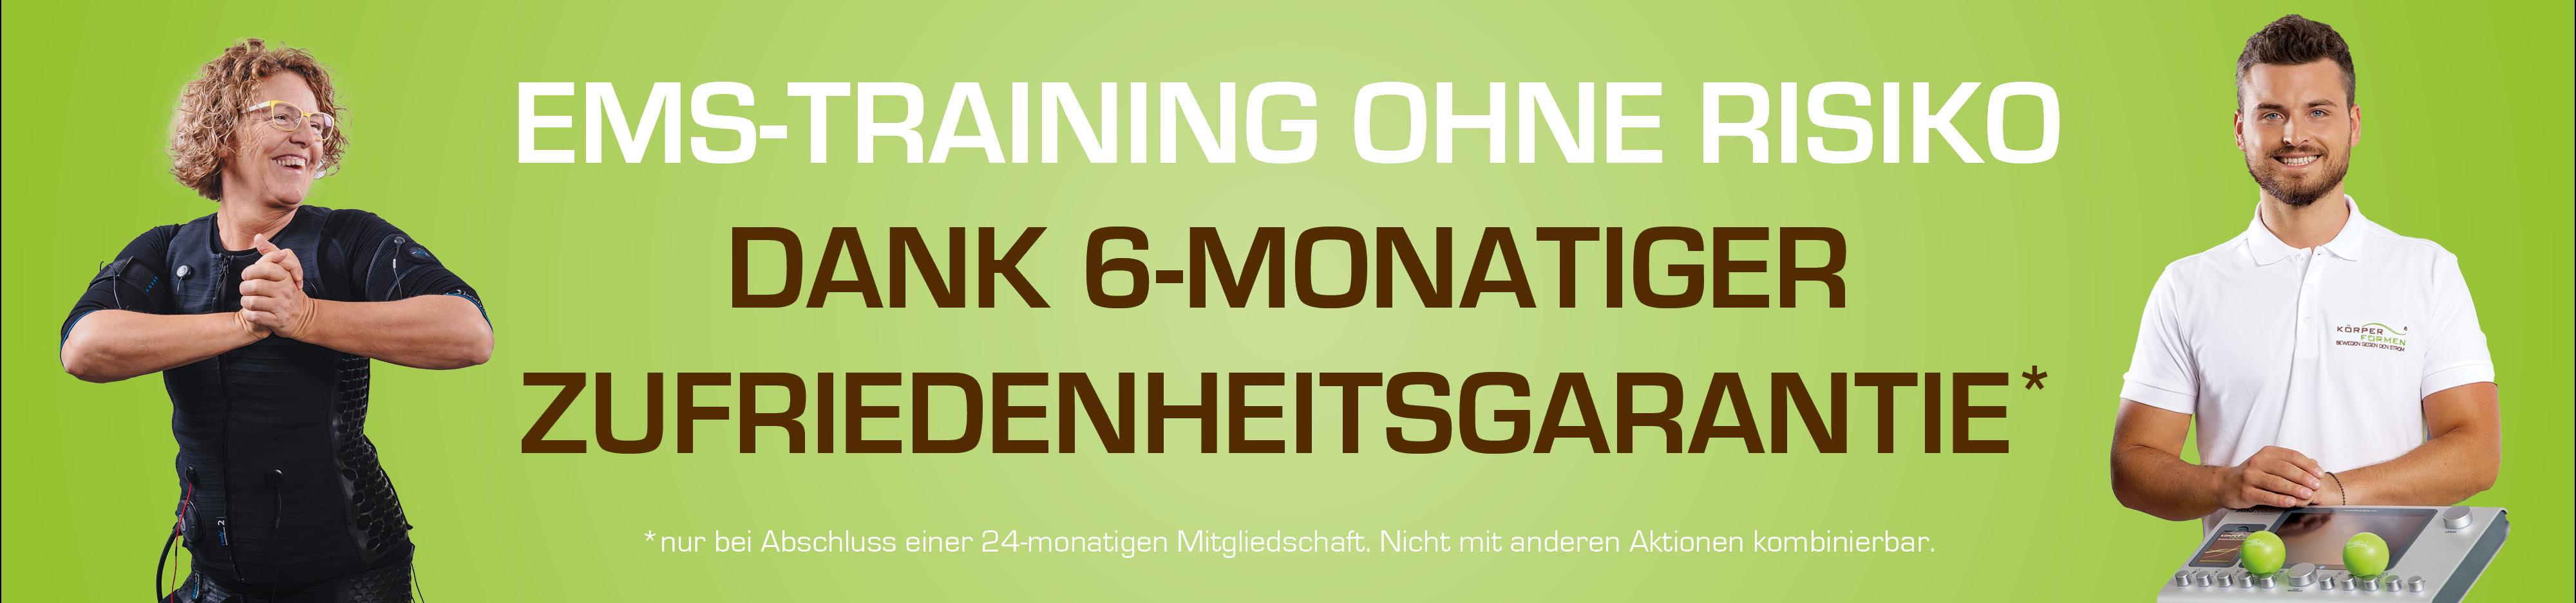 Webseite_Banner_Zufriedenheitsgarantie_Ravensburg